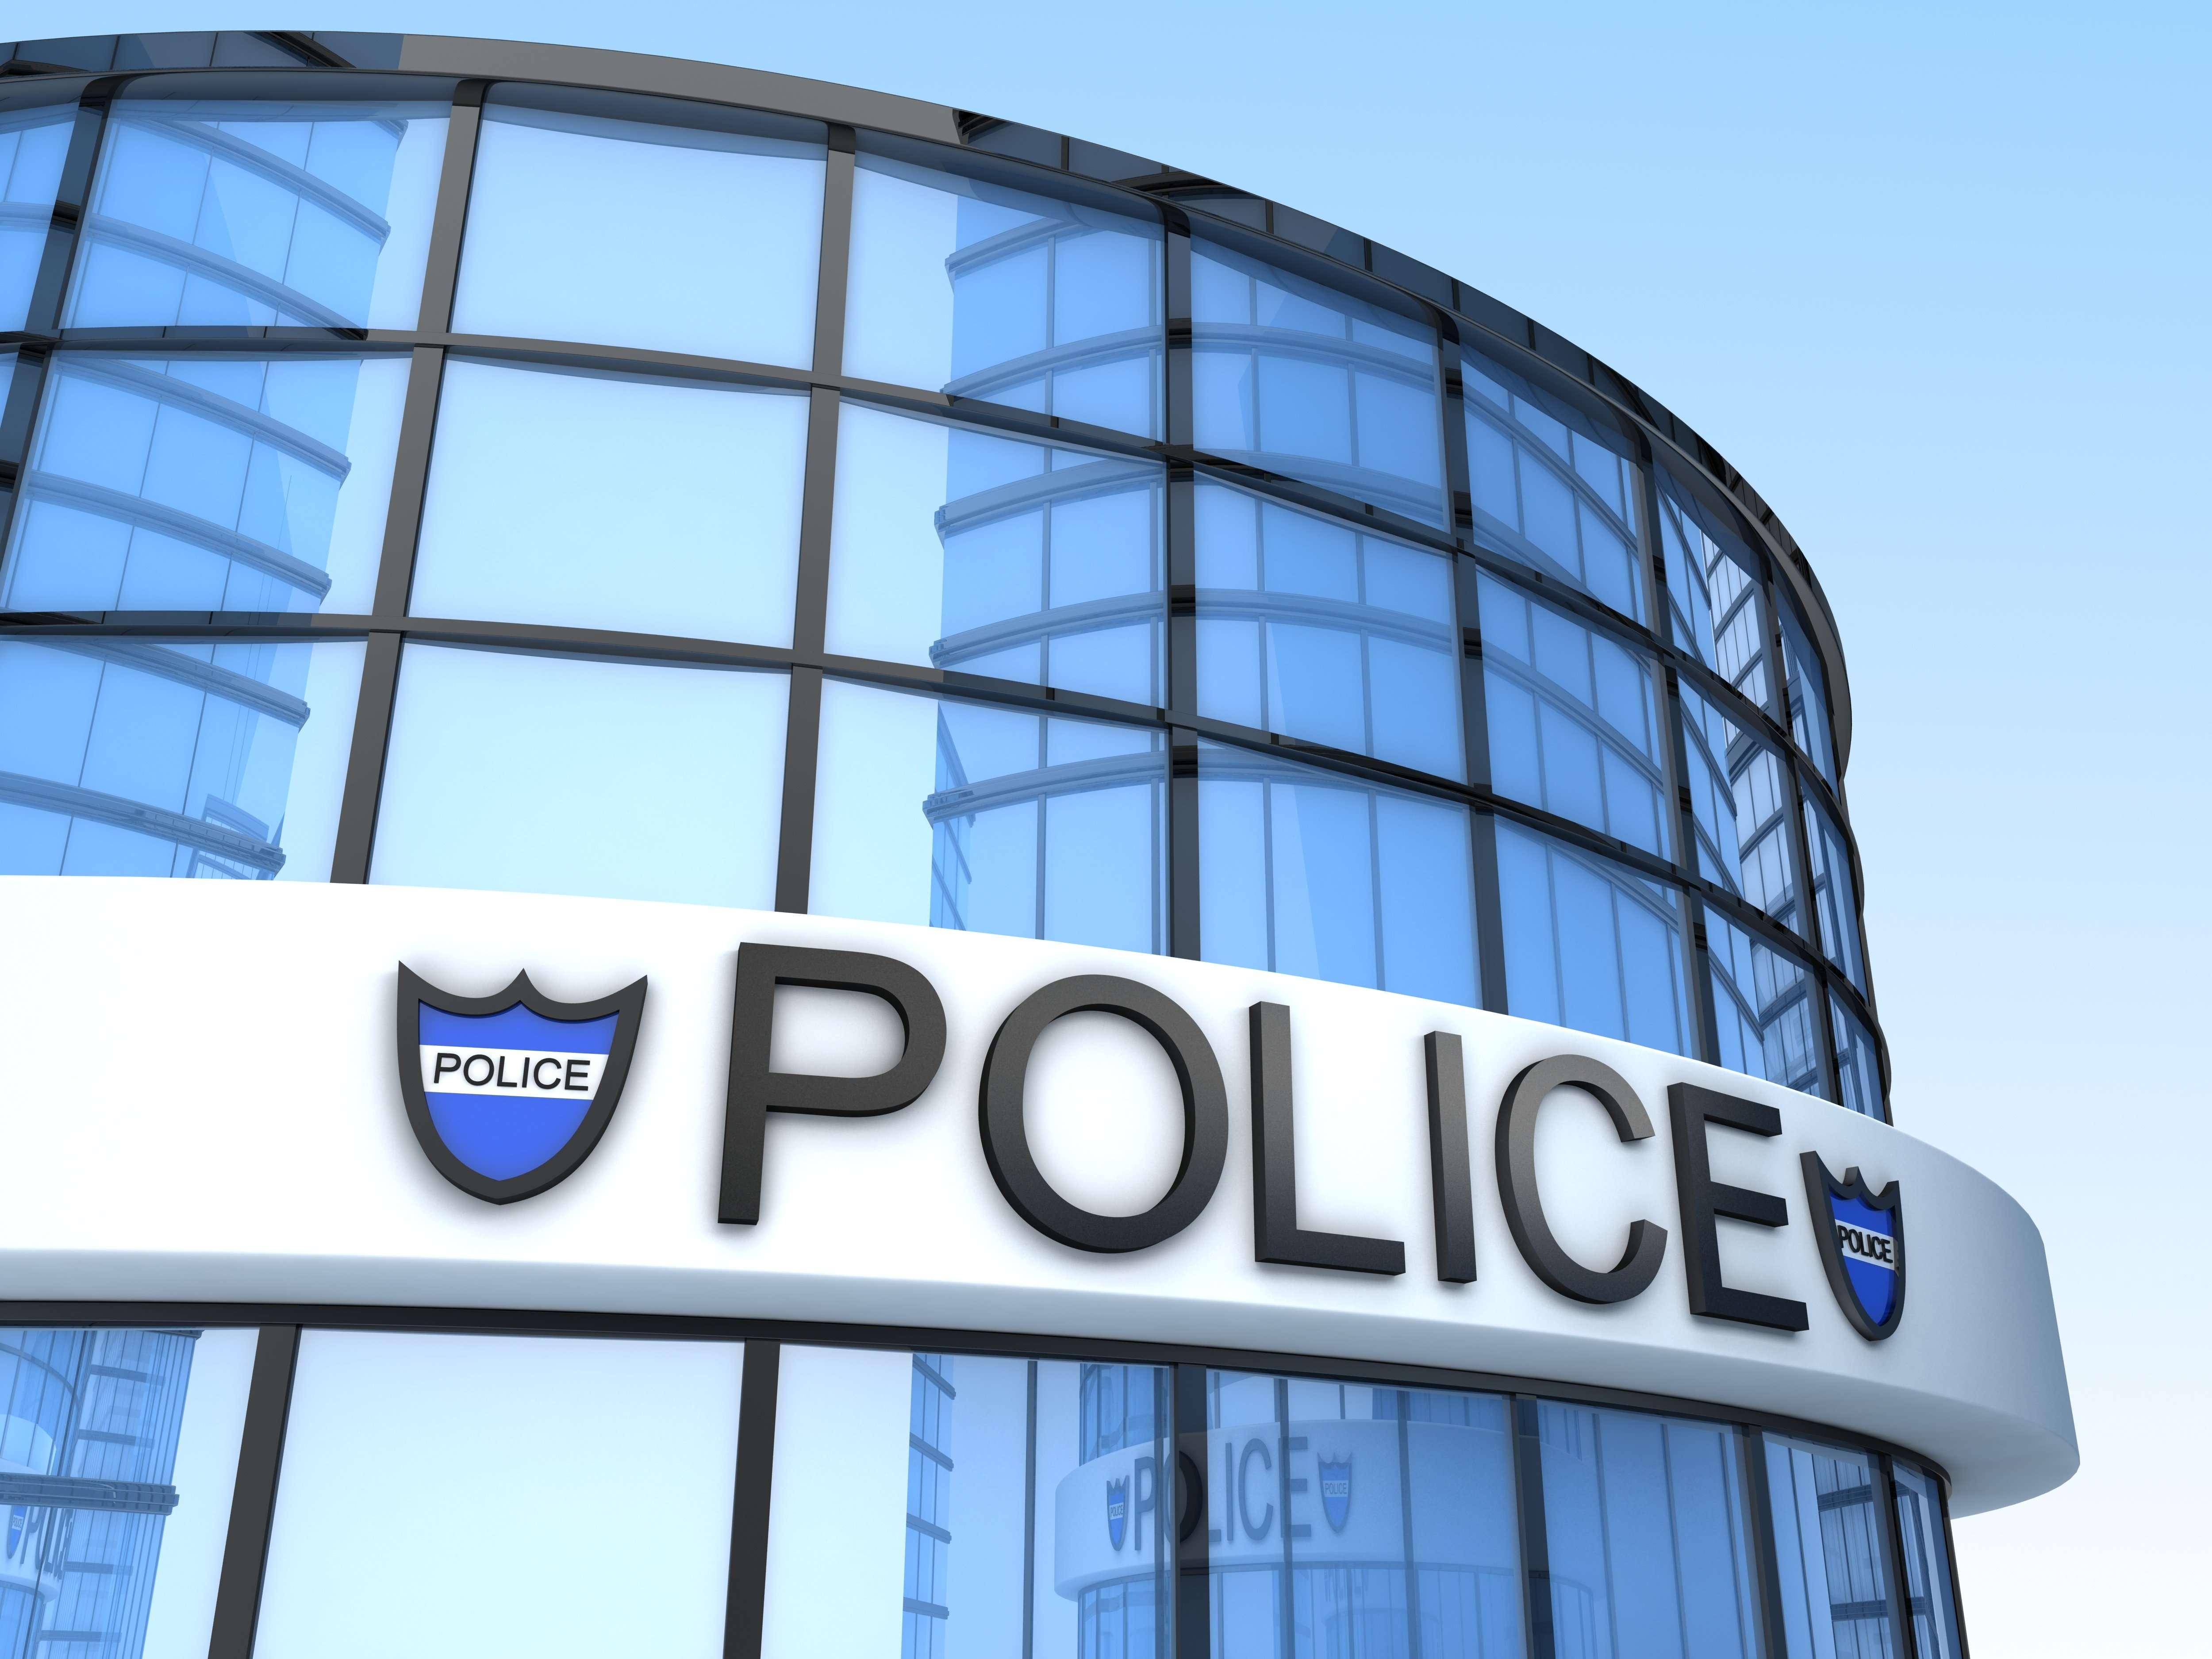 Police Station Design